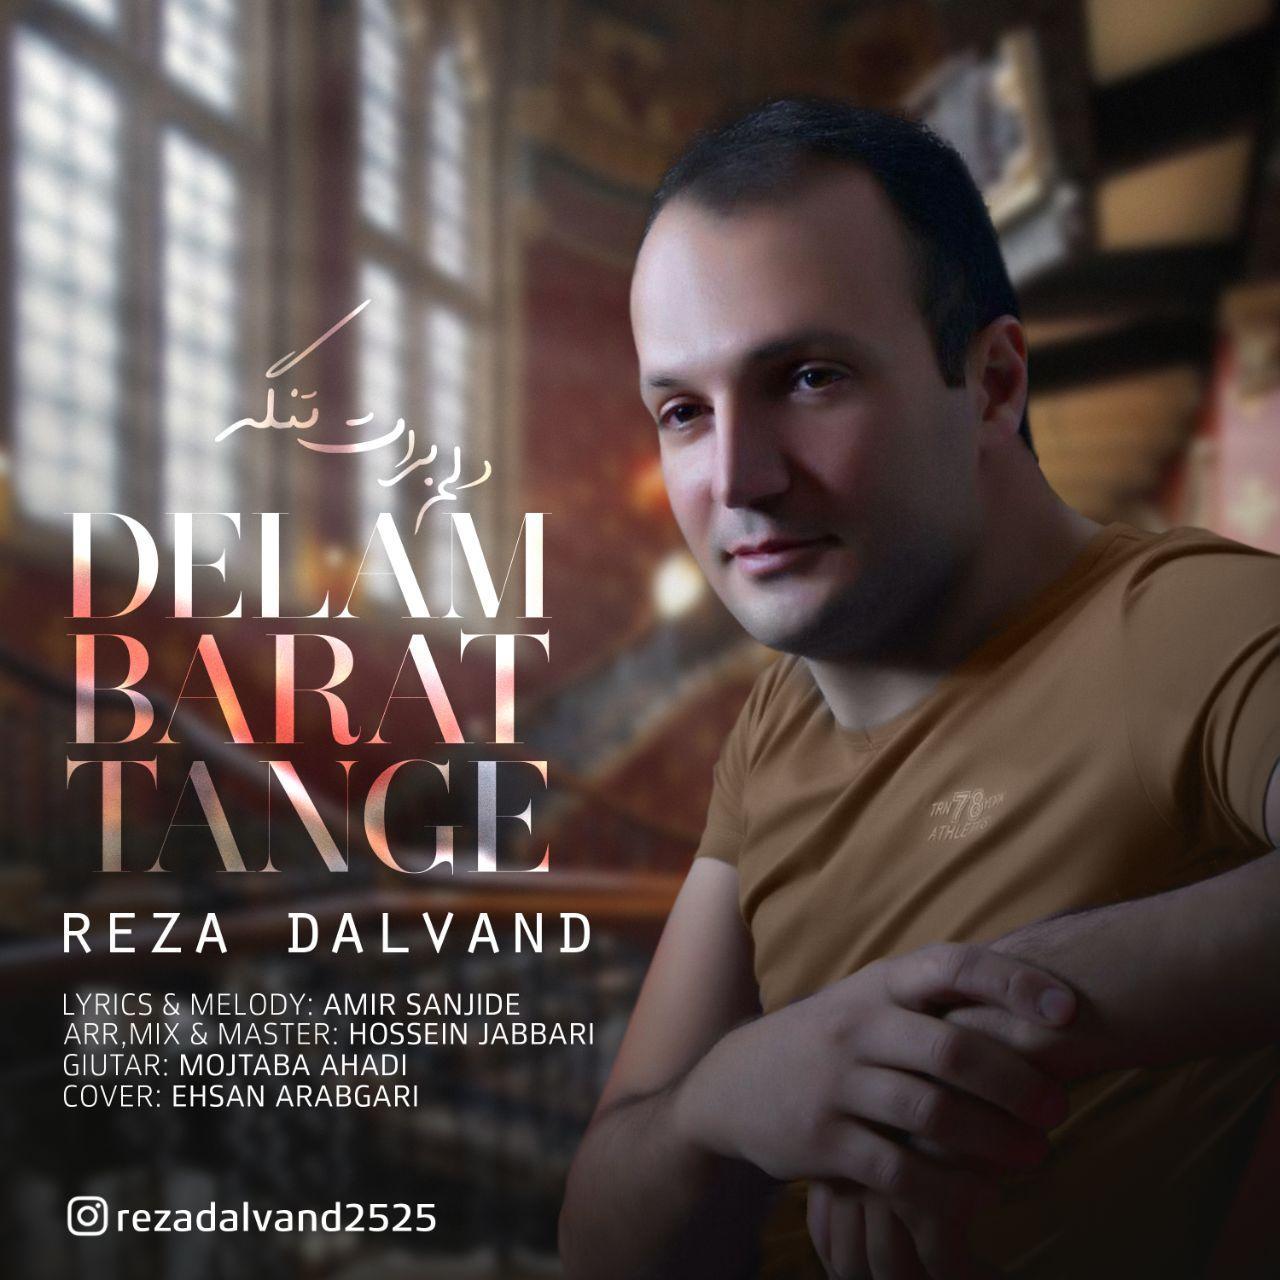 Reza Dalvand – Delam Barat Tange